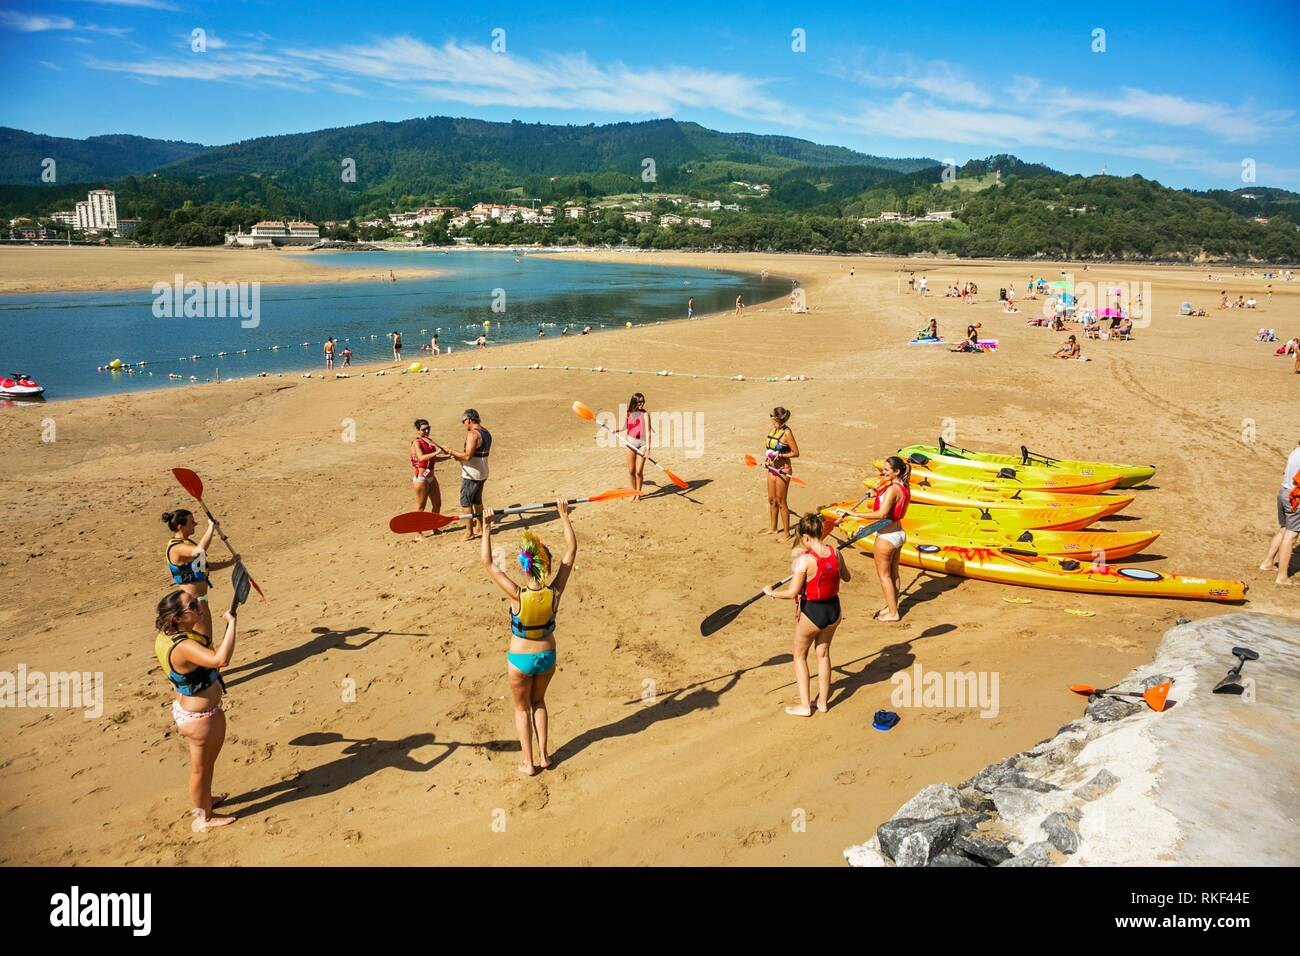 Canoë aux leçons de Laida Beach. La Réserve de biosphère d'Urdaibai. Région d'Urdaibai. Bizkaia. Pays Basque. L'Espagne. Photo Stock